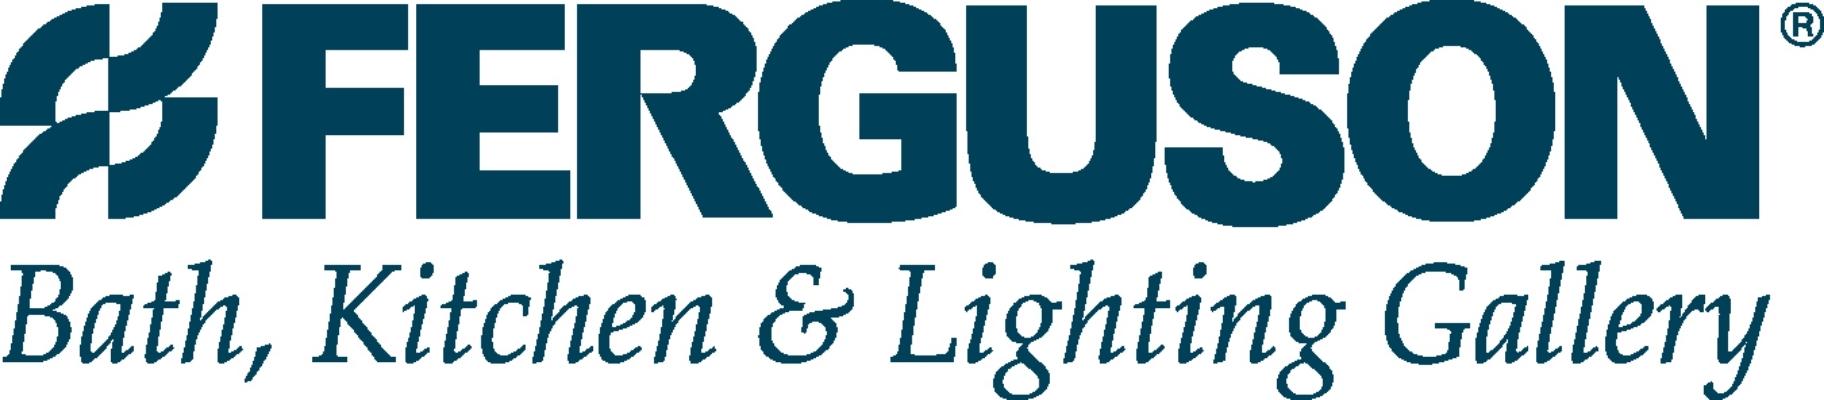 Ferguson BKL logo color.jpg